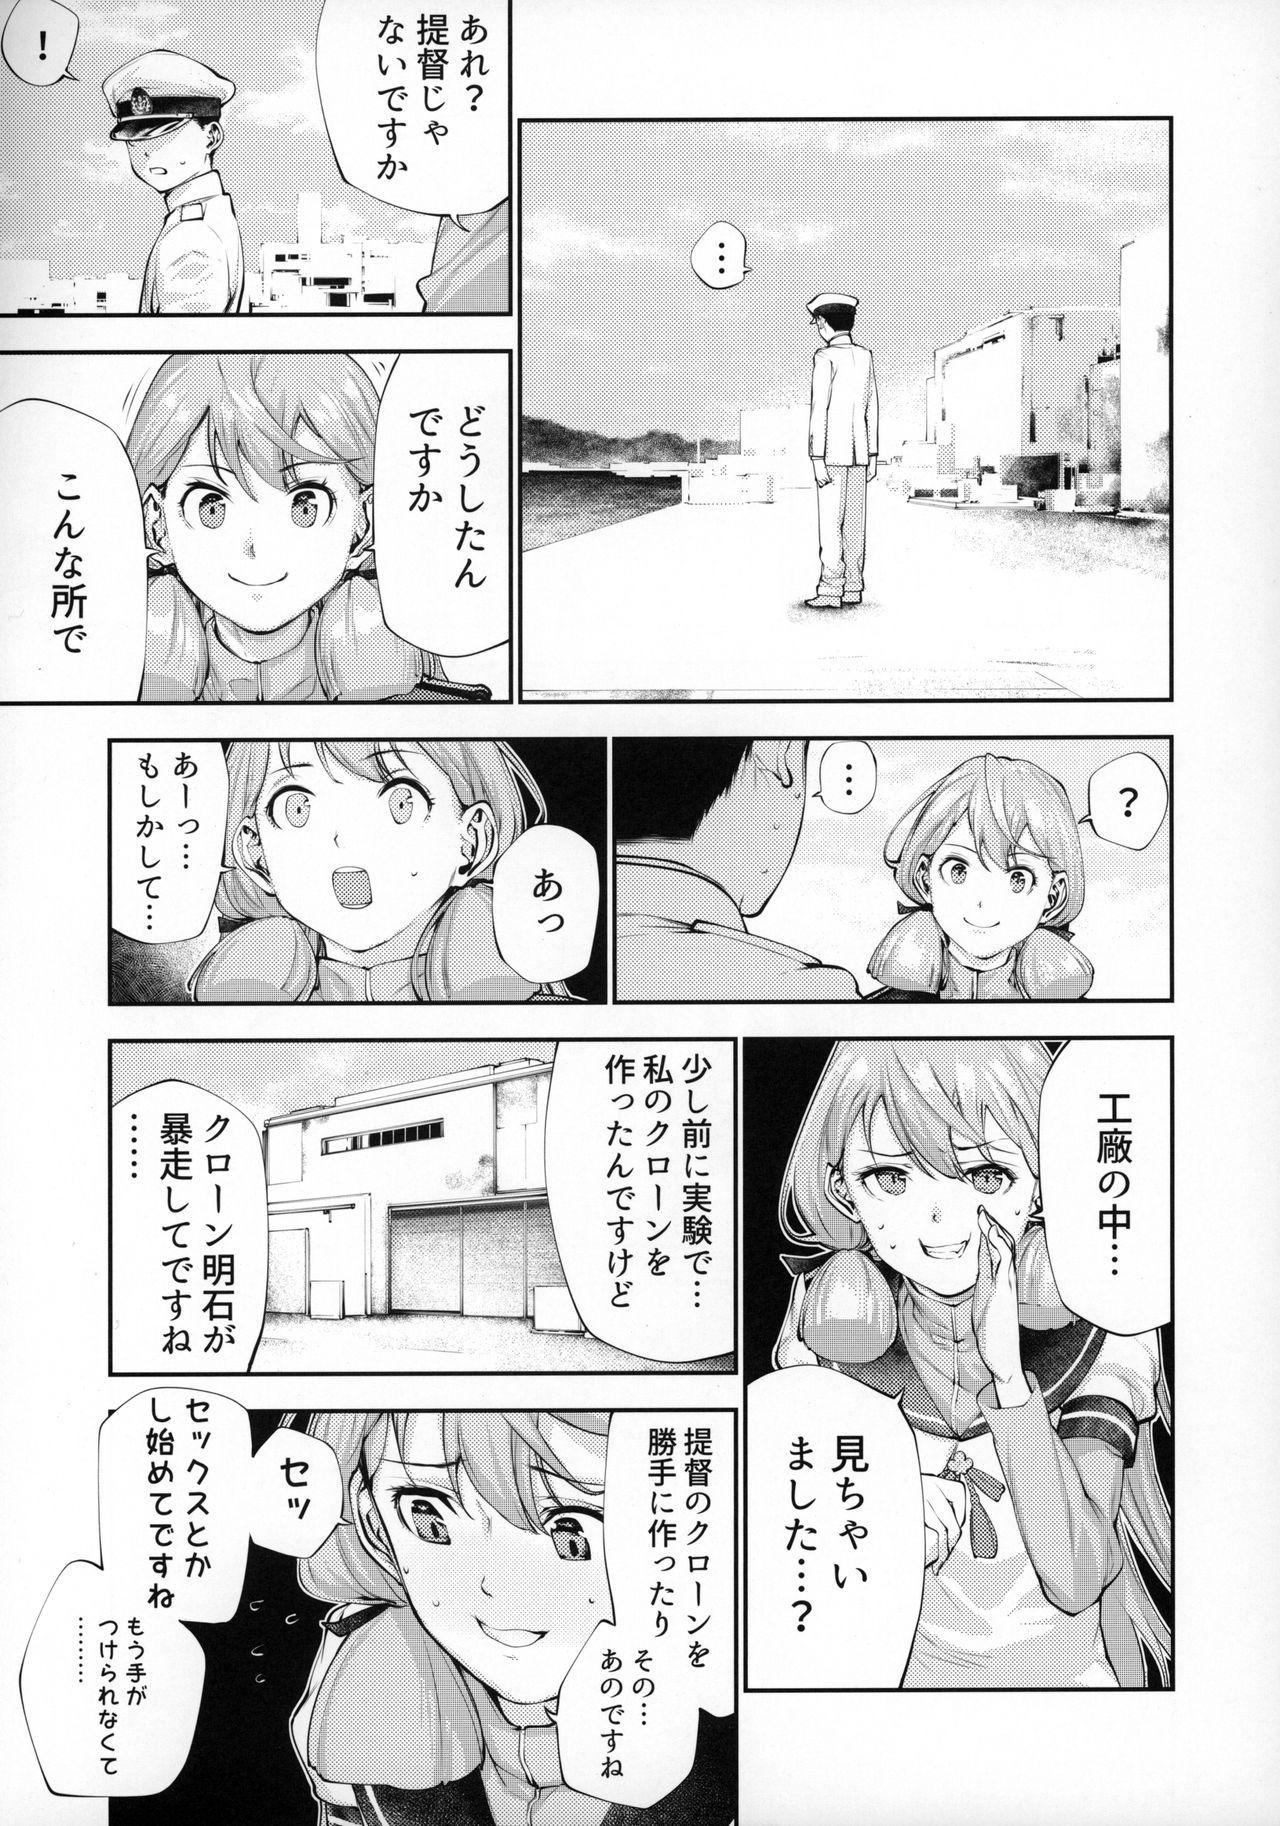 Teitoku Doutei Mugen Chuudoku Akashi 17